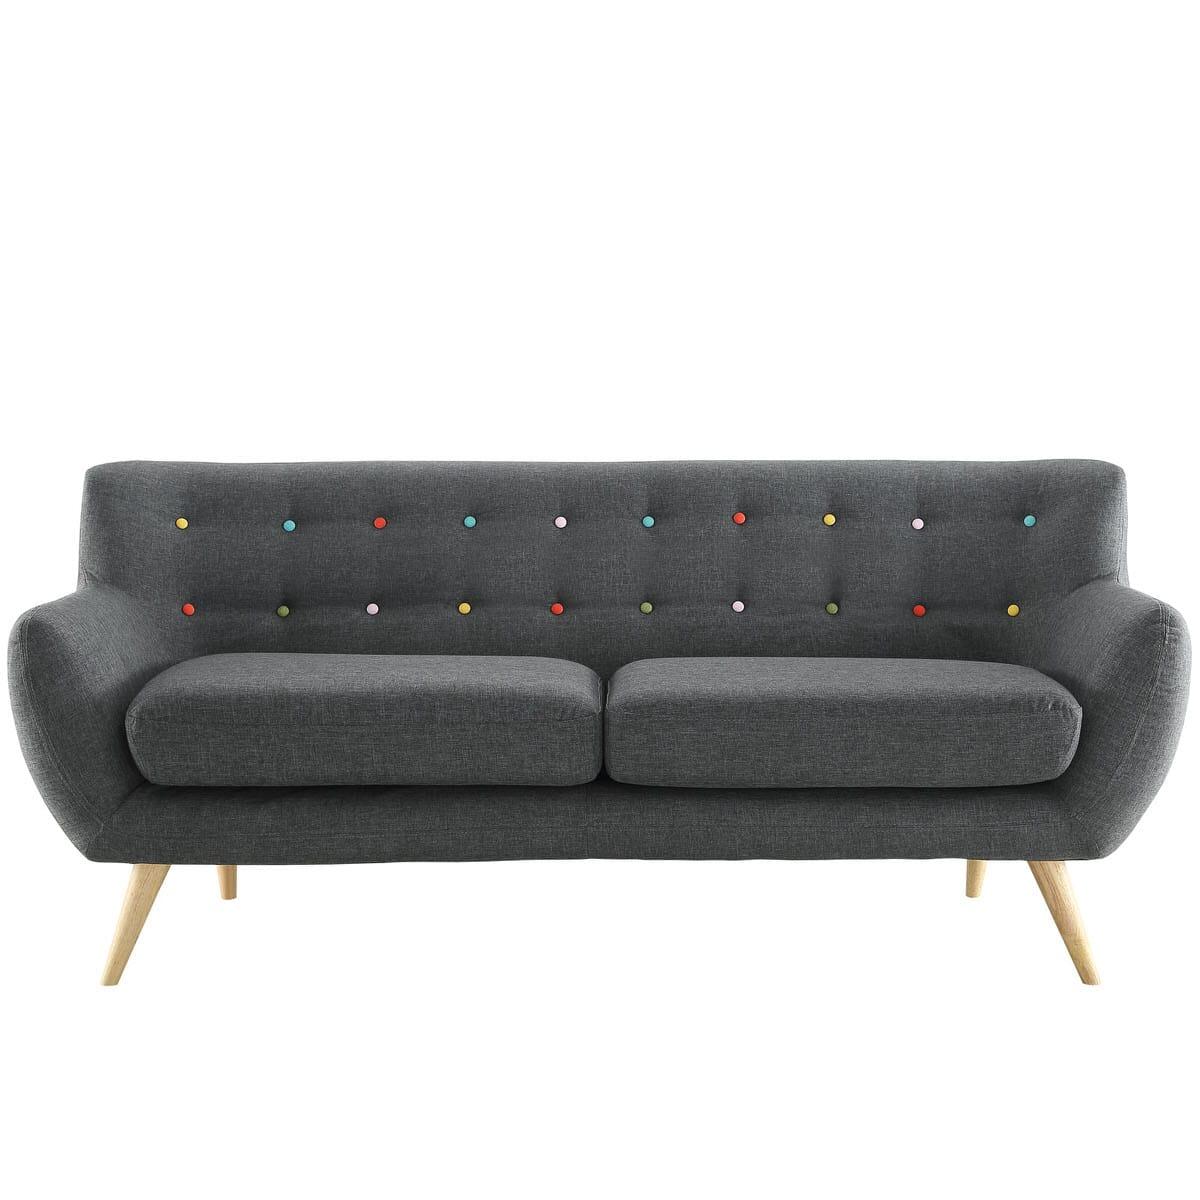 Remark Upholstered Sofa Gray by Modern Living